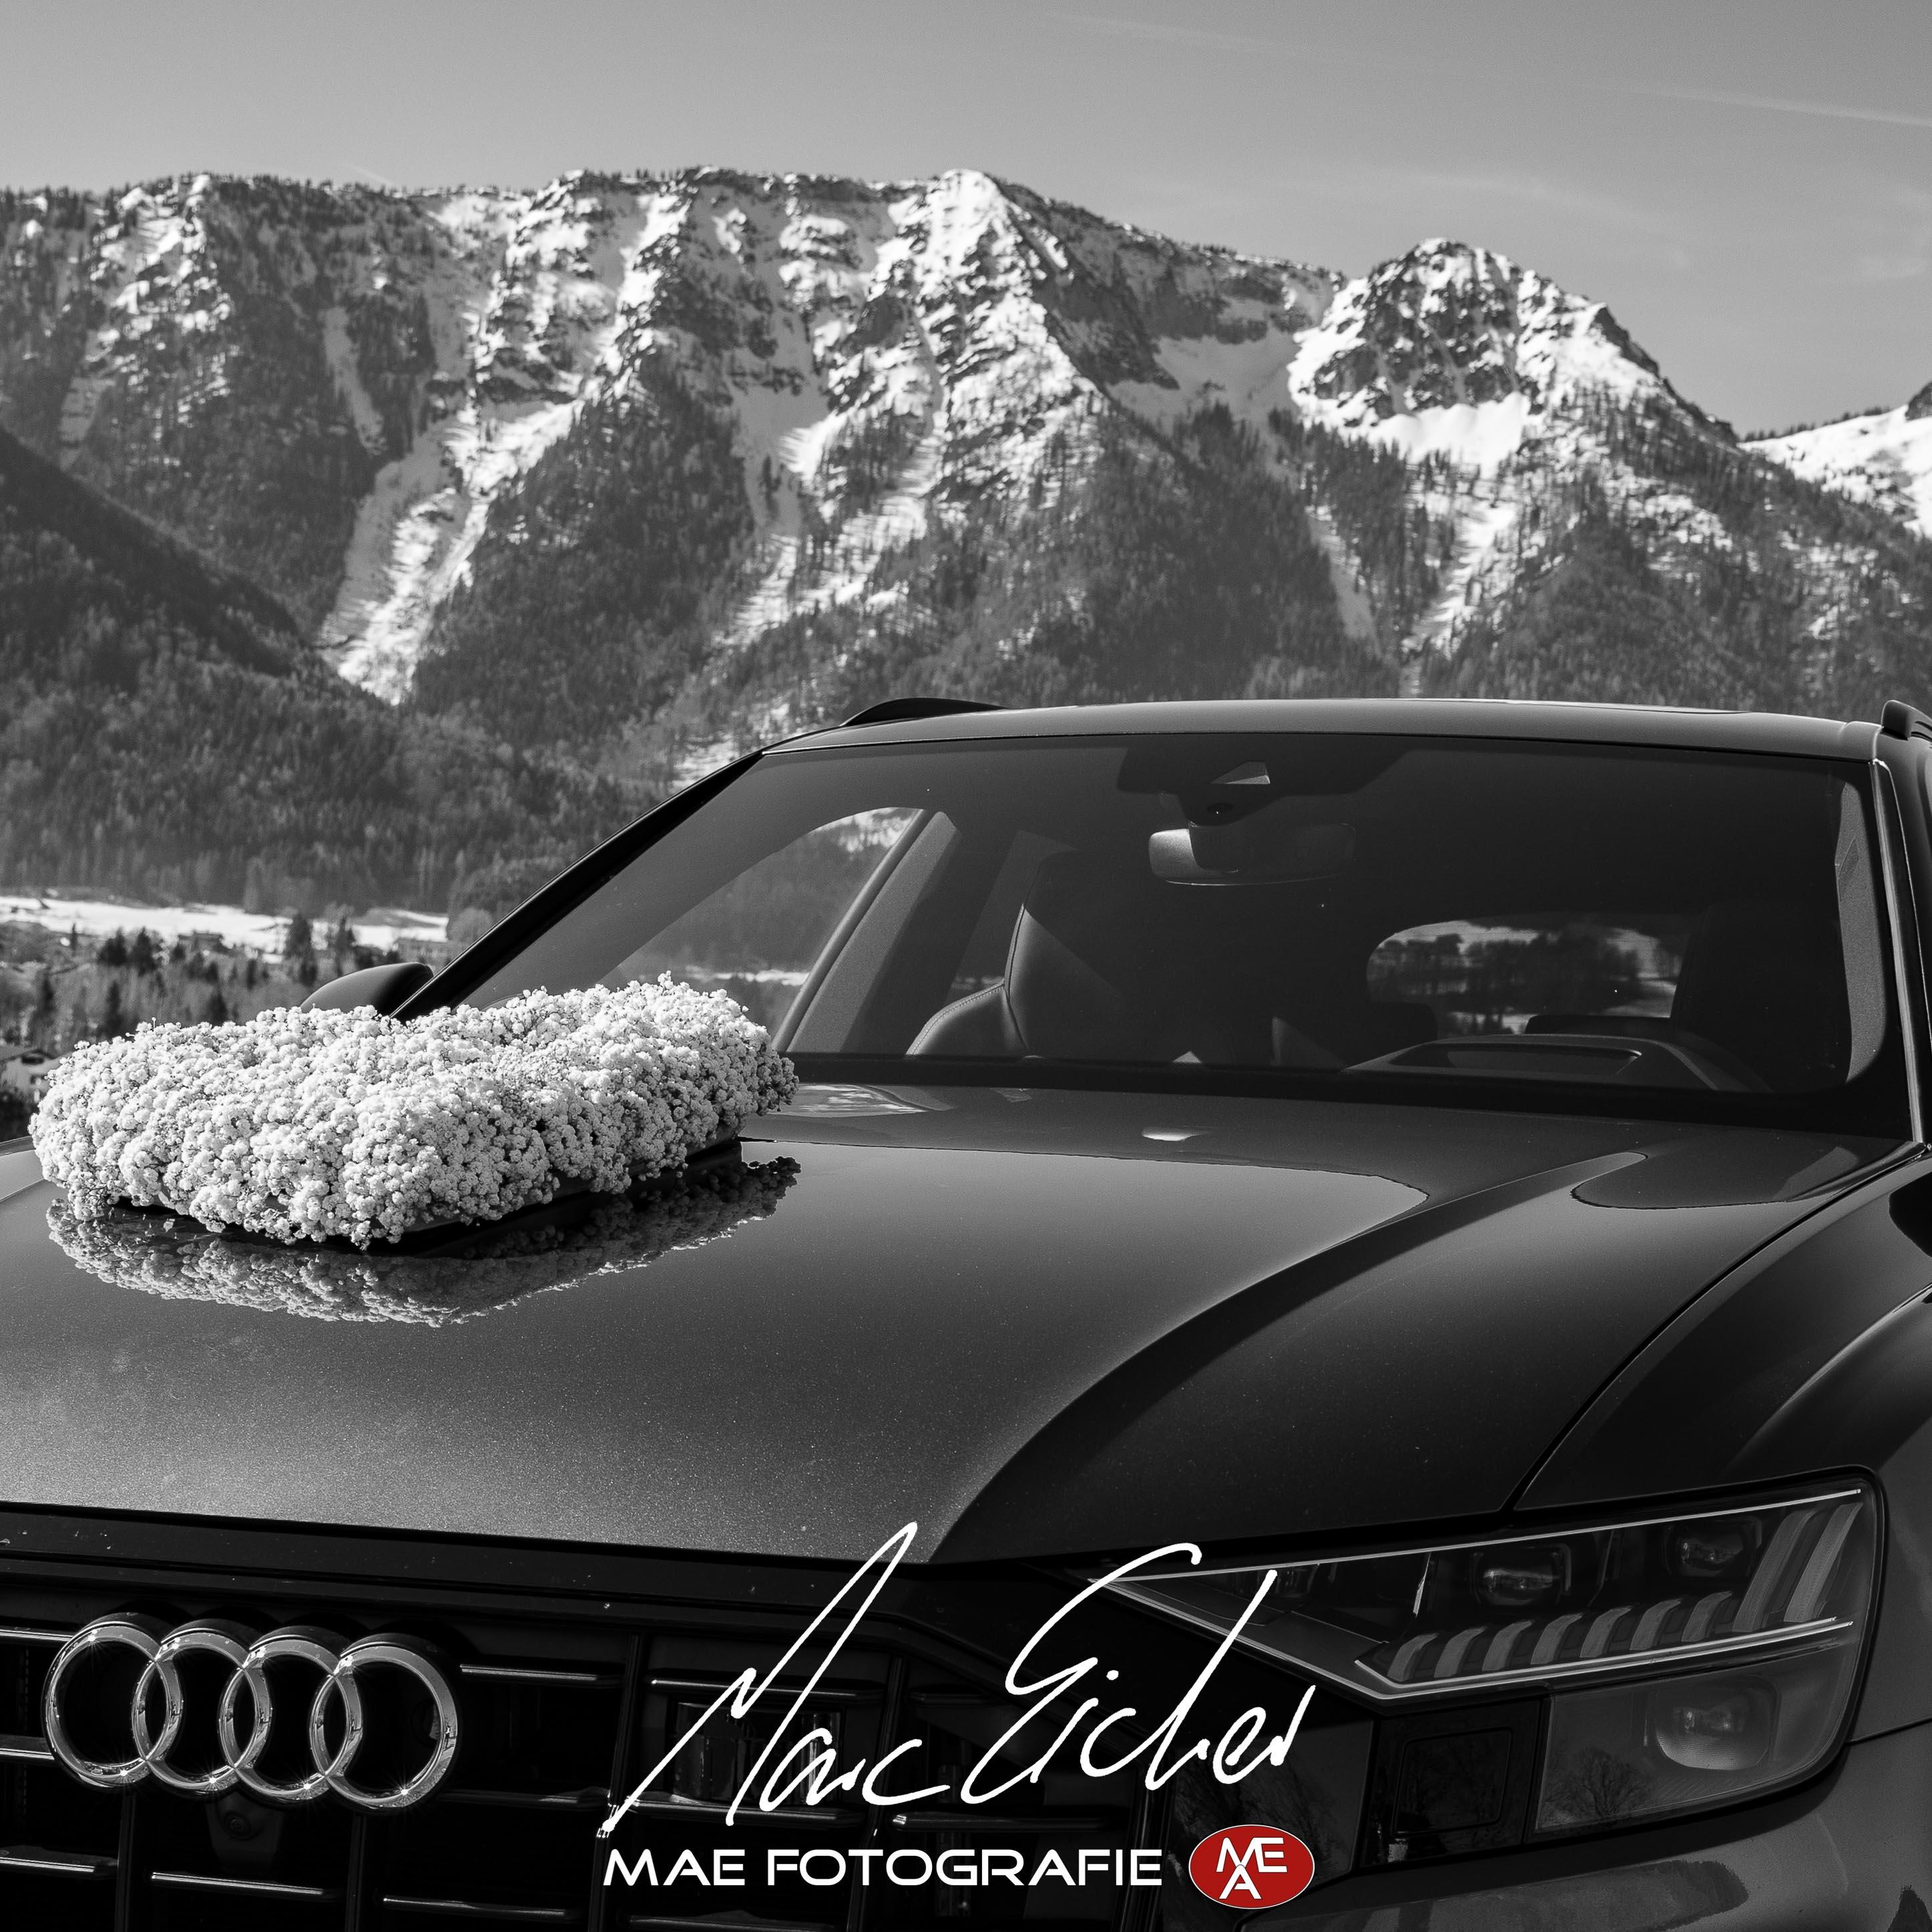 Hochzeitsfotografie_MAE-PIC-2.jpg